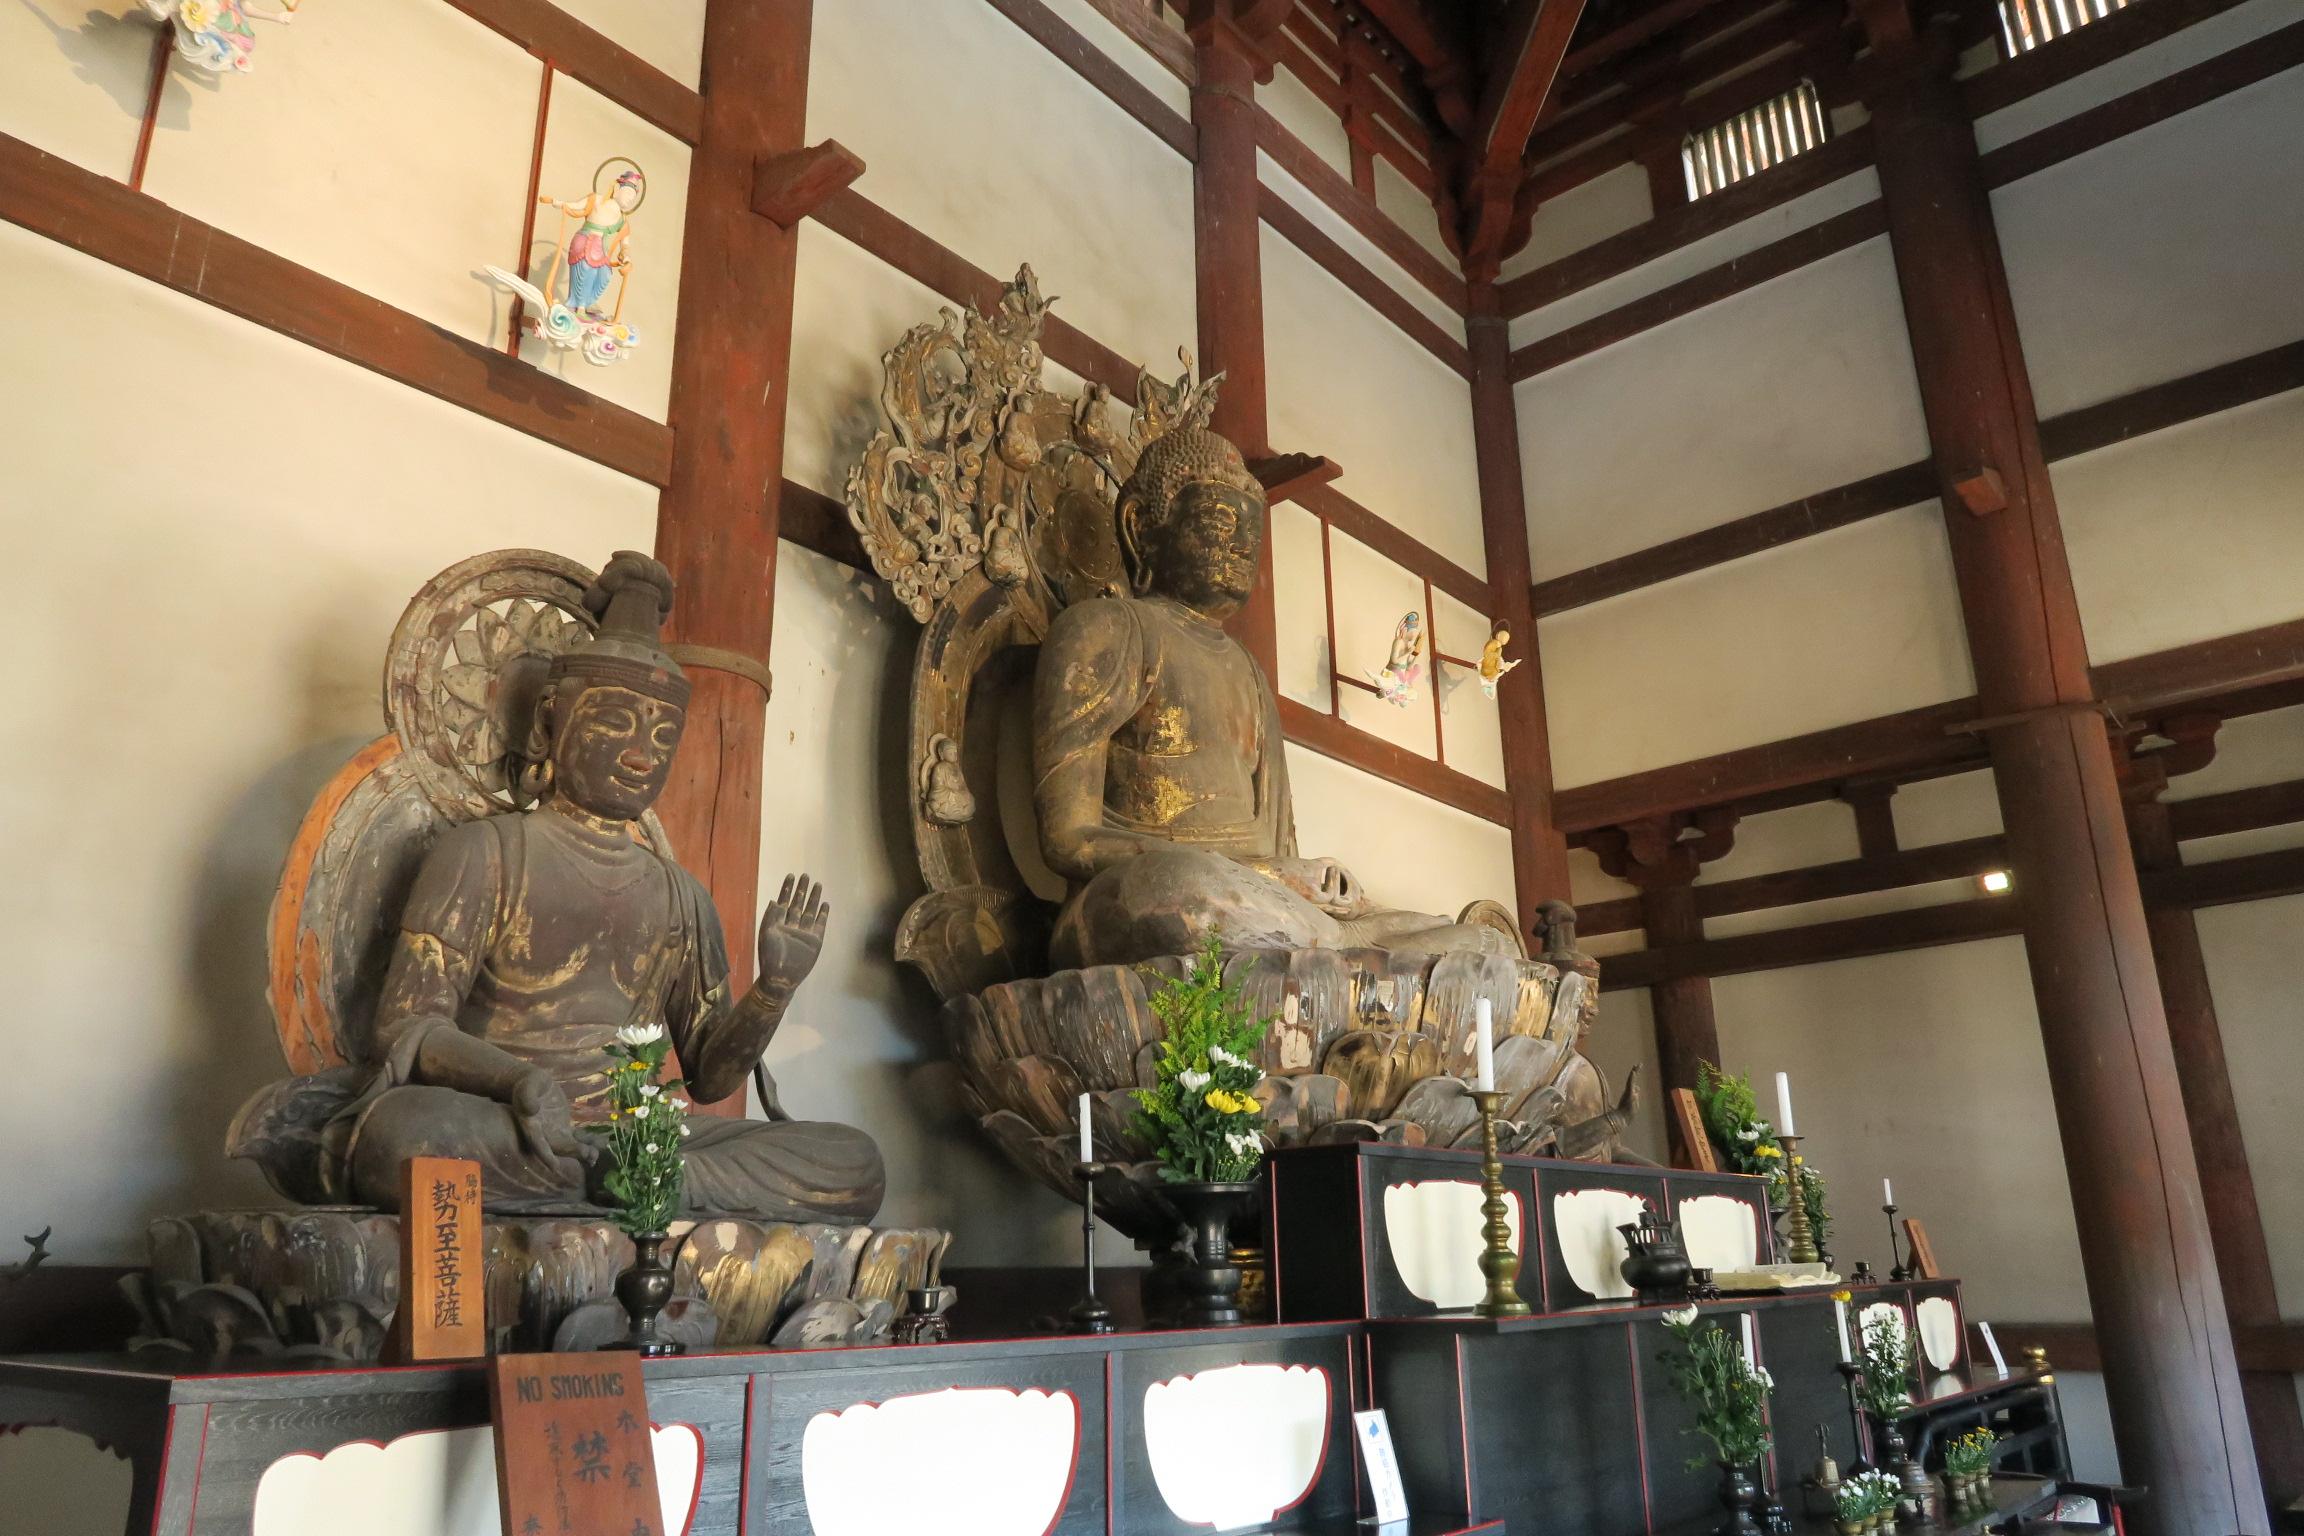 喜光寺の本堂内の仏像。撮影禁止の所が多いですが、喜光寺は撮影可能です!